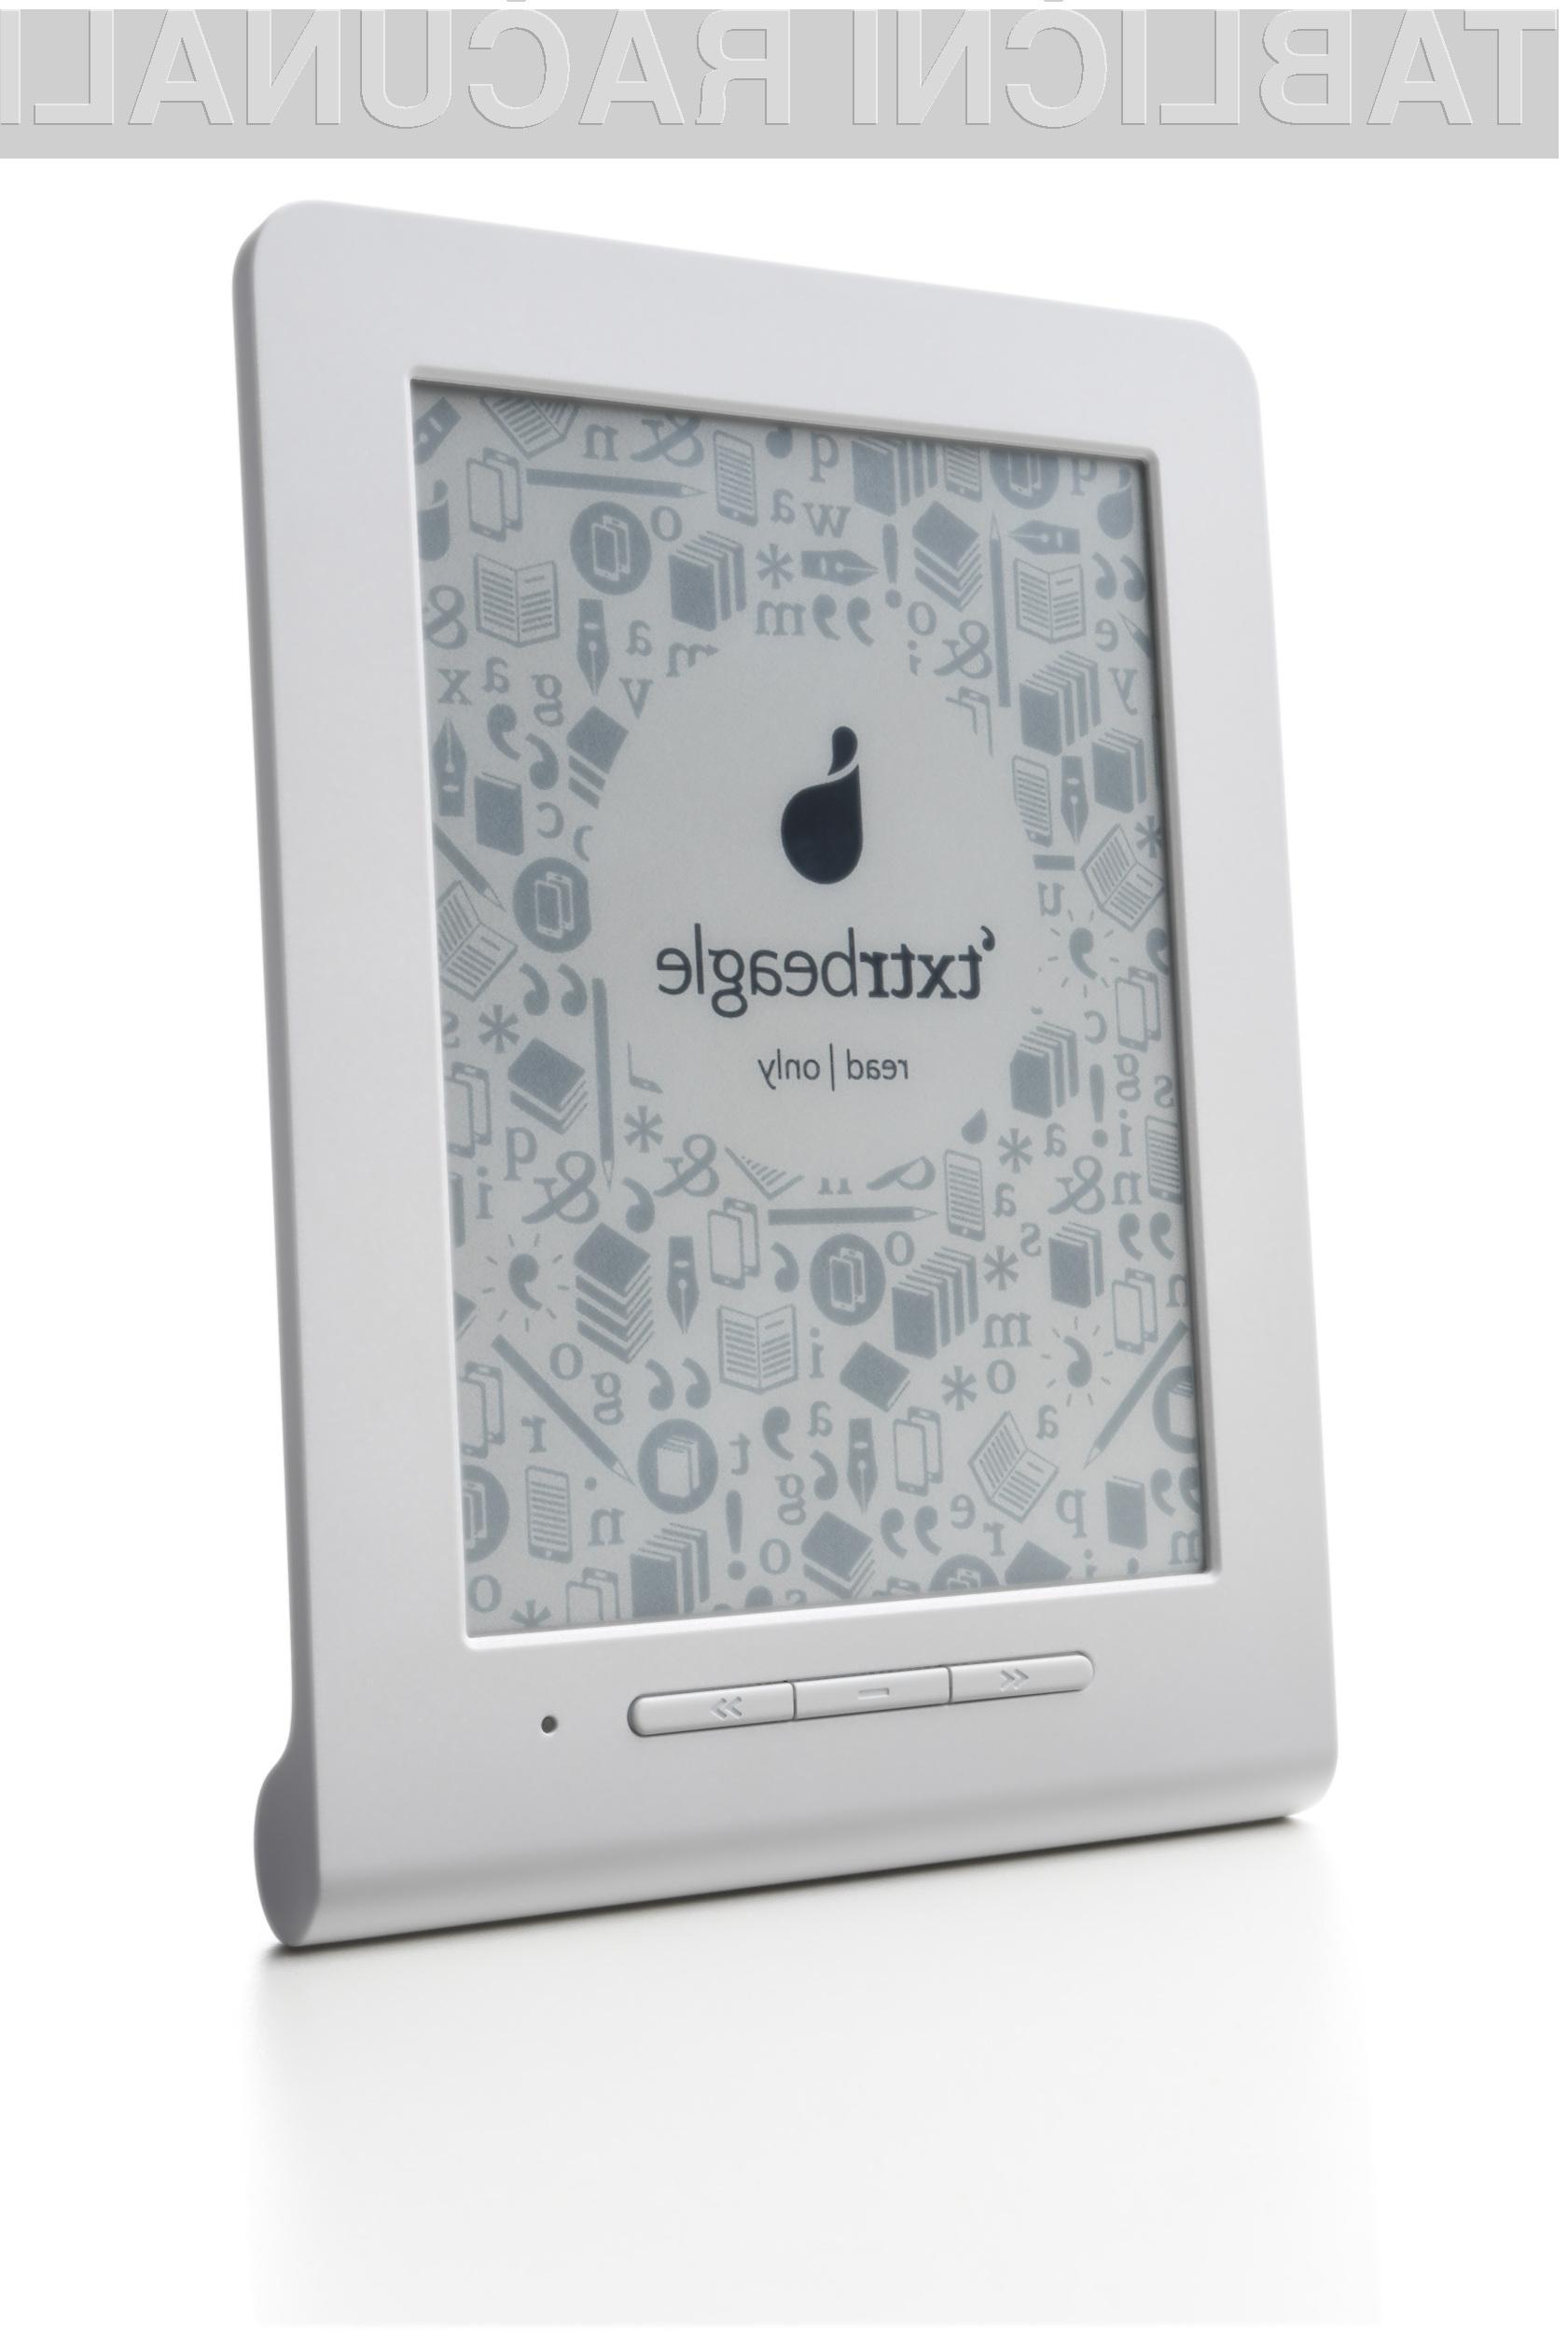 Bralnik elektronskih knjig z oznako Txtr Beagle je sodeč po besedah proizvajalca najmanjši in hkrati najlažji bralnik elektronskih knjig na svetu.